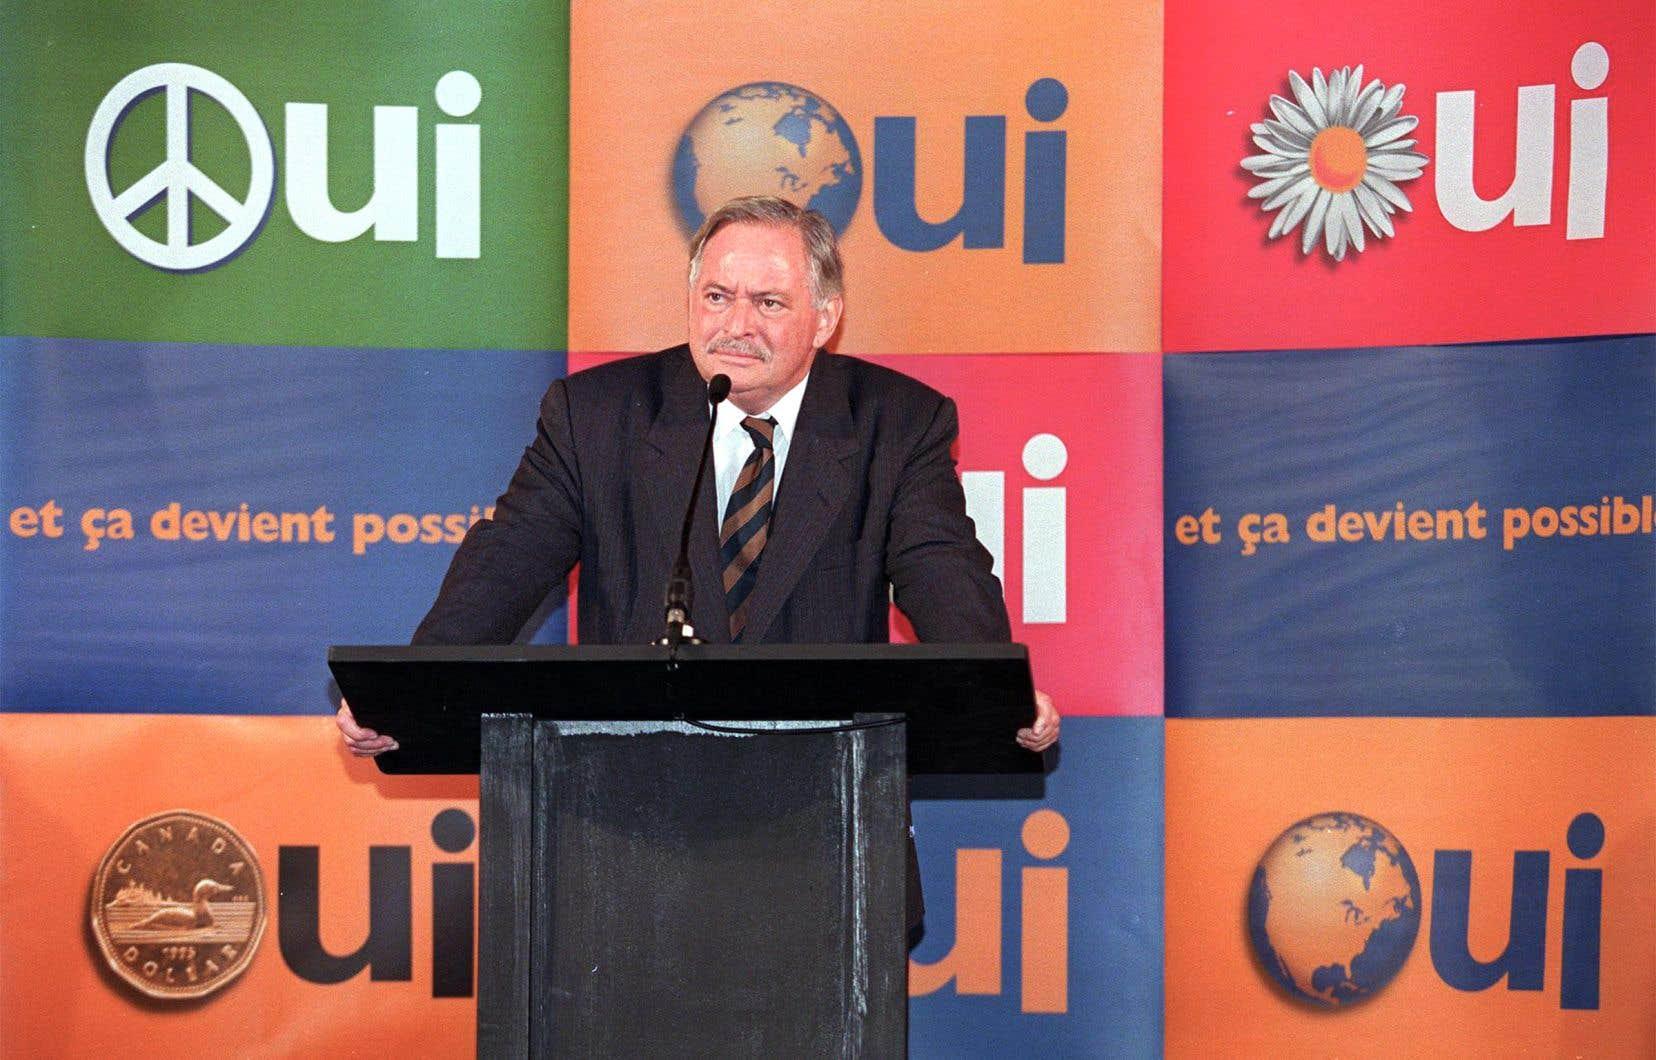 L'ex-premier ministre du Québec, Jacques Parizeau, prononçant un discours à Montmagny le 3 octobre 1995, moins d'un mois avant le référendum sur l'indépendance du Québec.